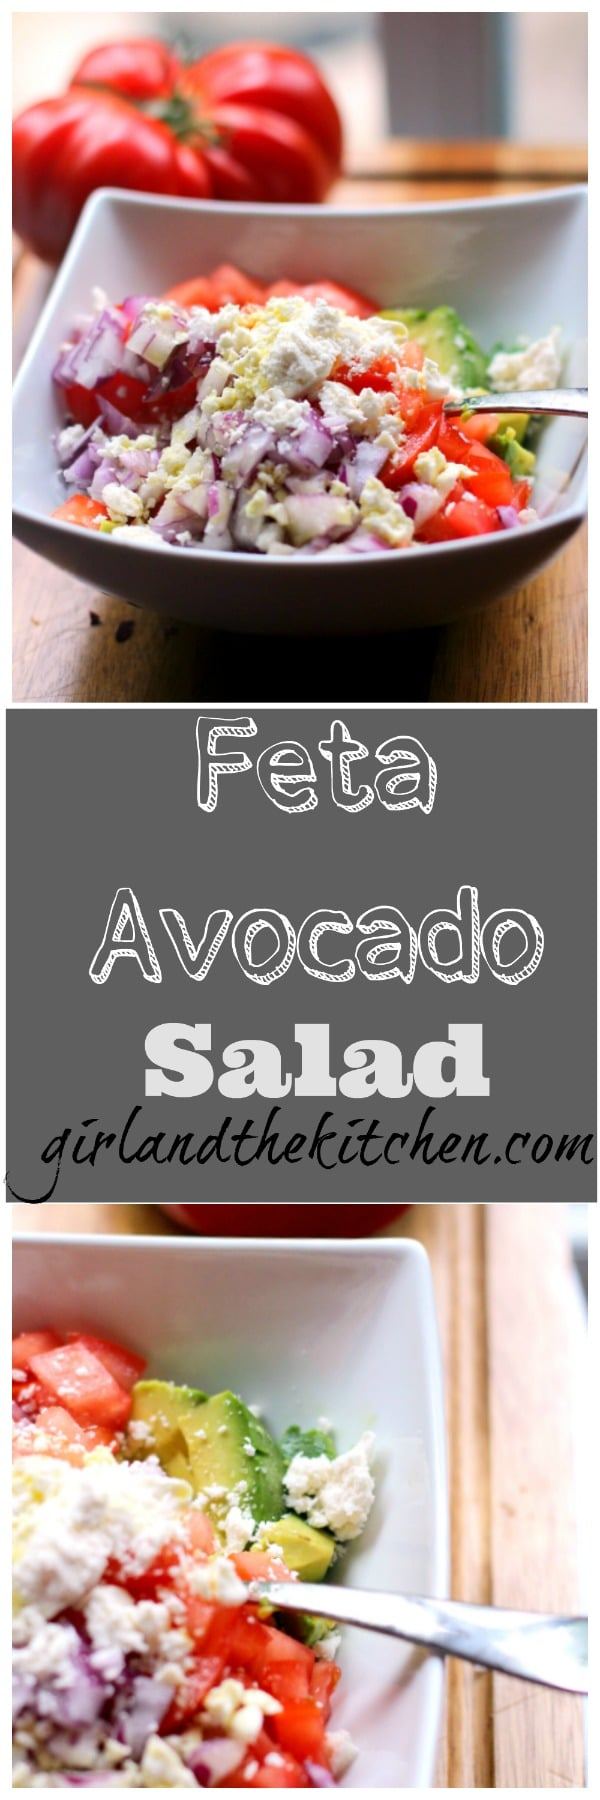 Feta and Avocado salad